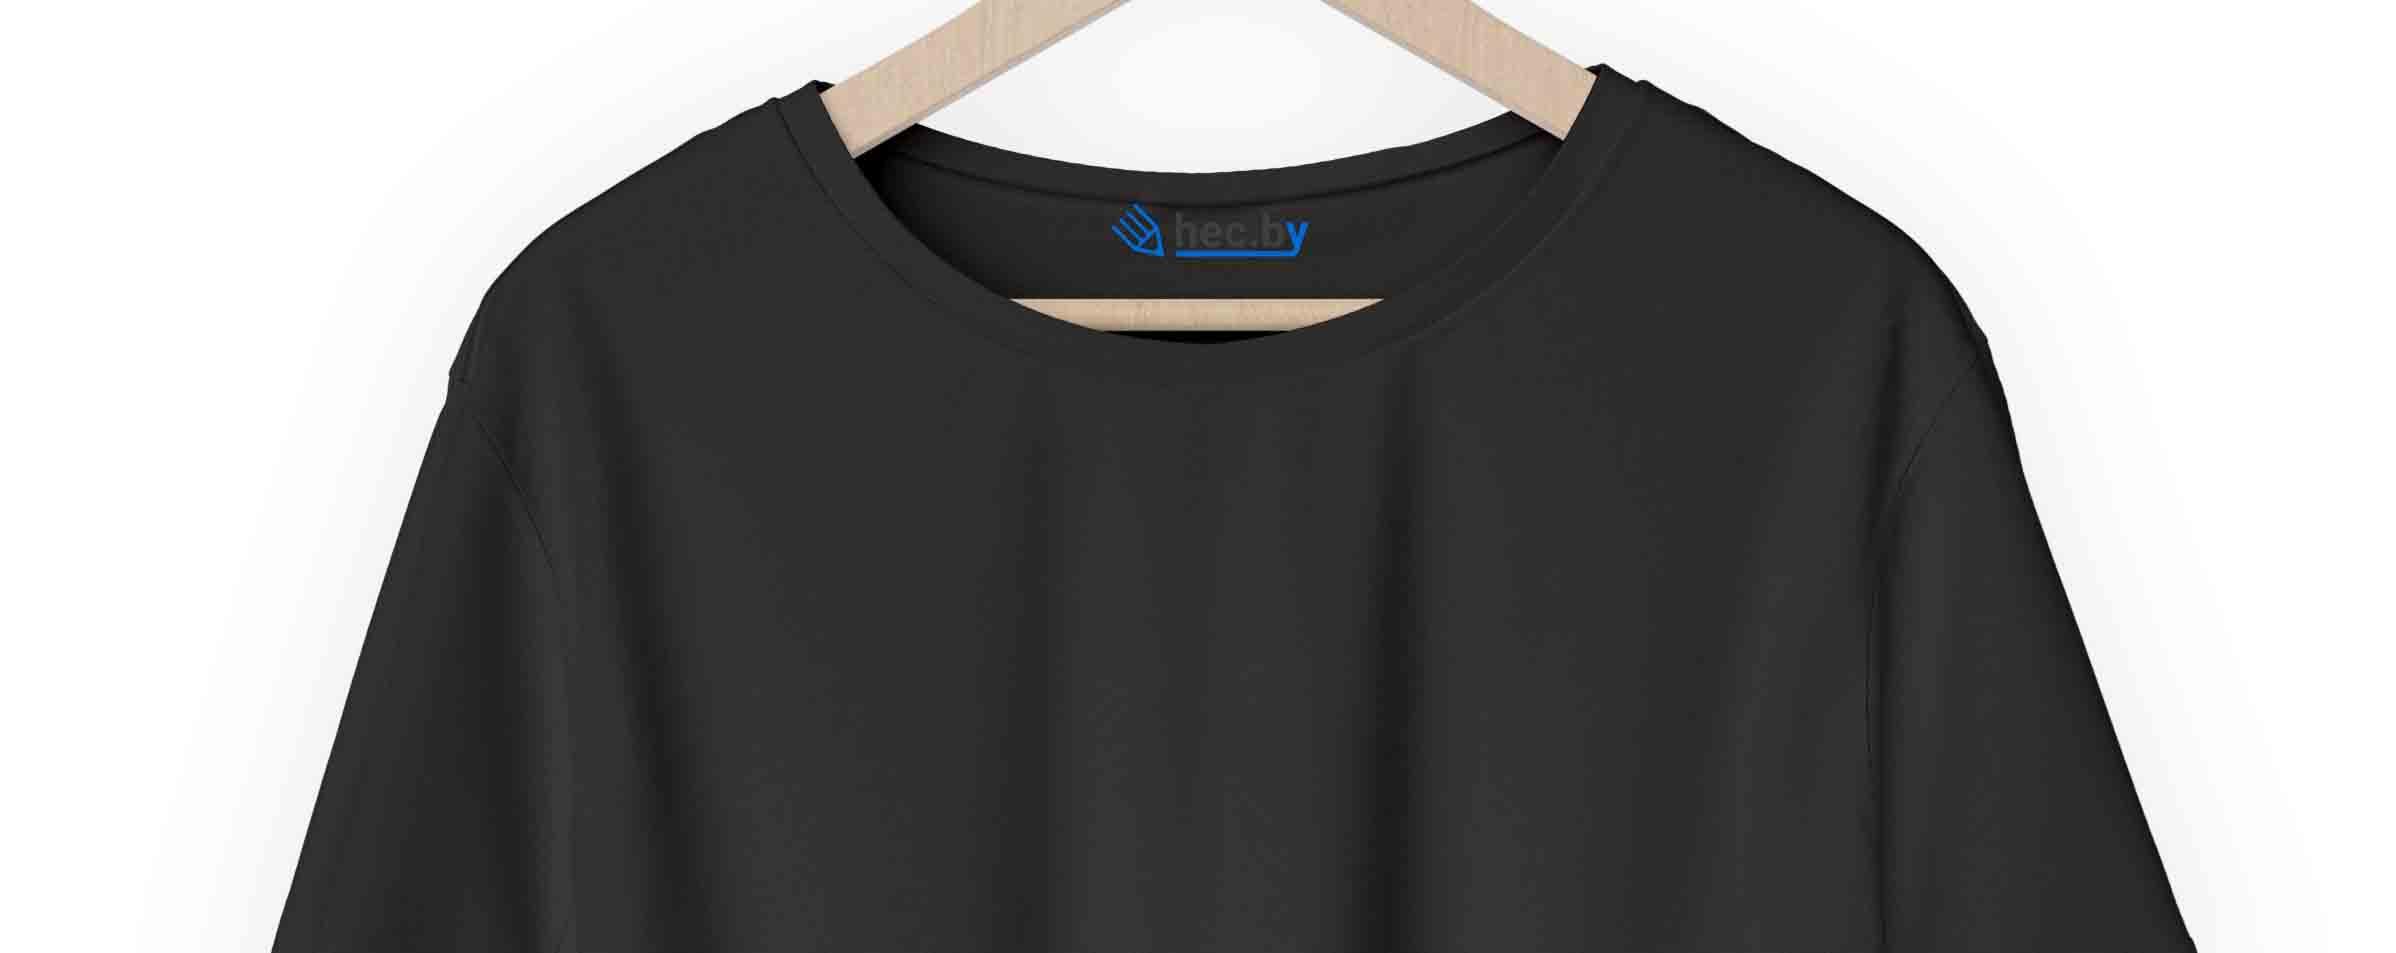 На статью определение размера одежды